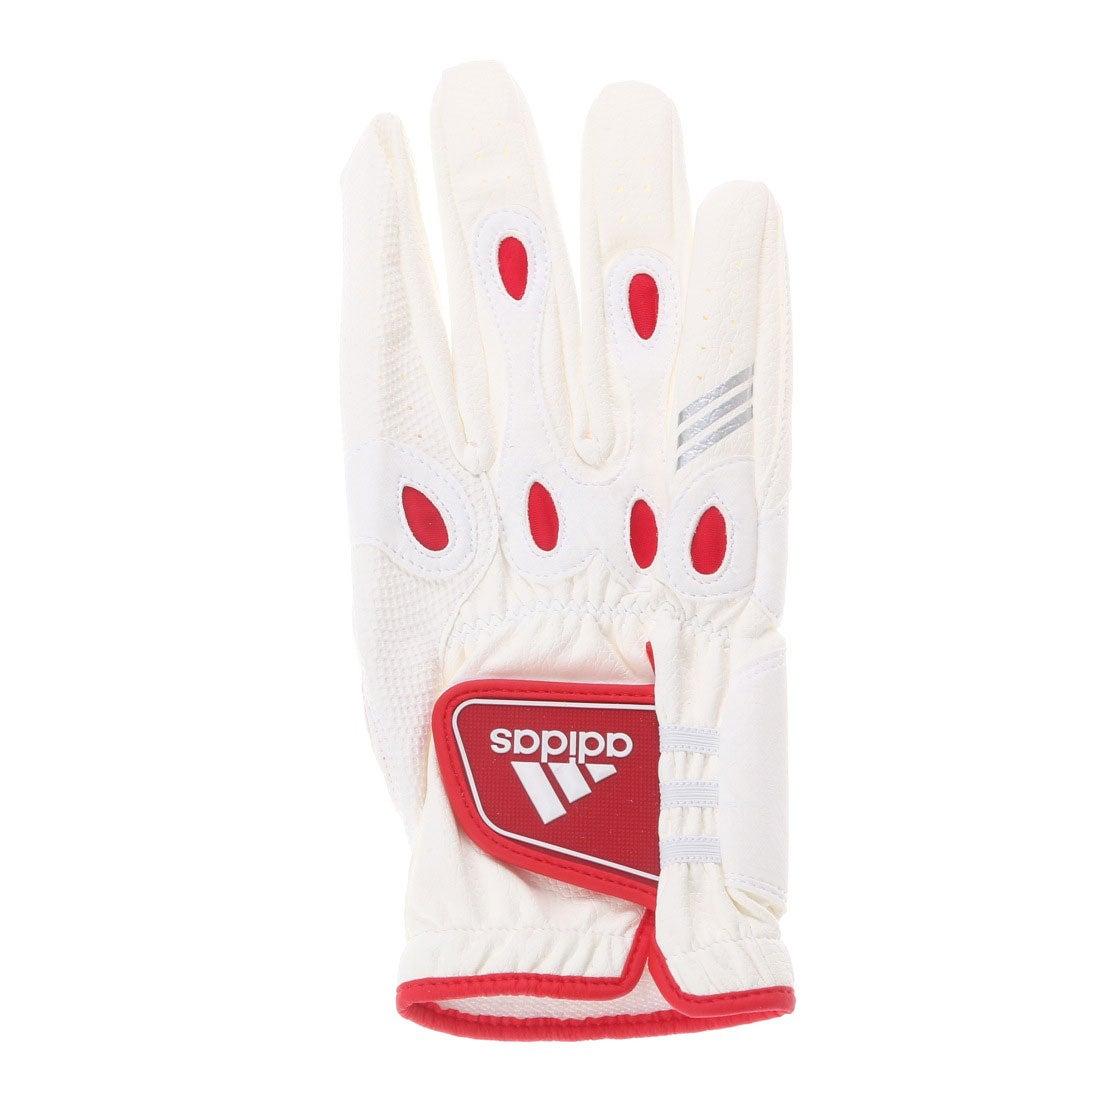 アディダス adidas メンズ ゴルフ グローブ マルチフィット セブン RH A15957